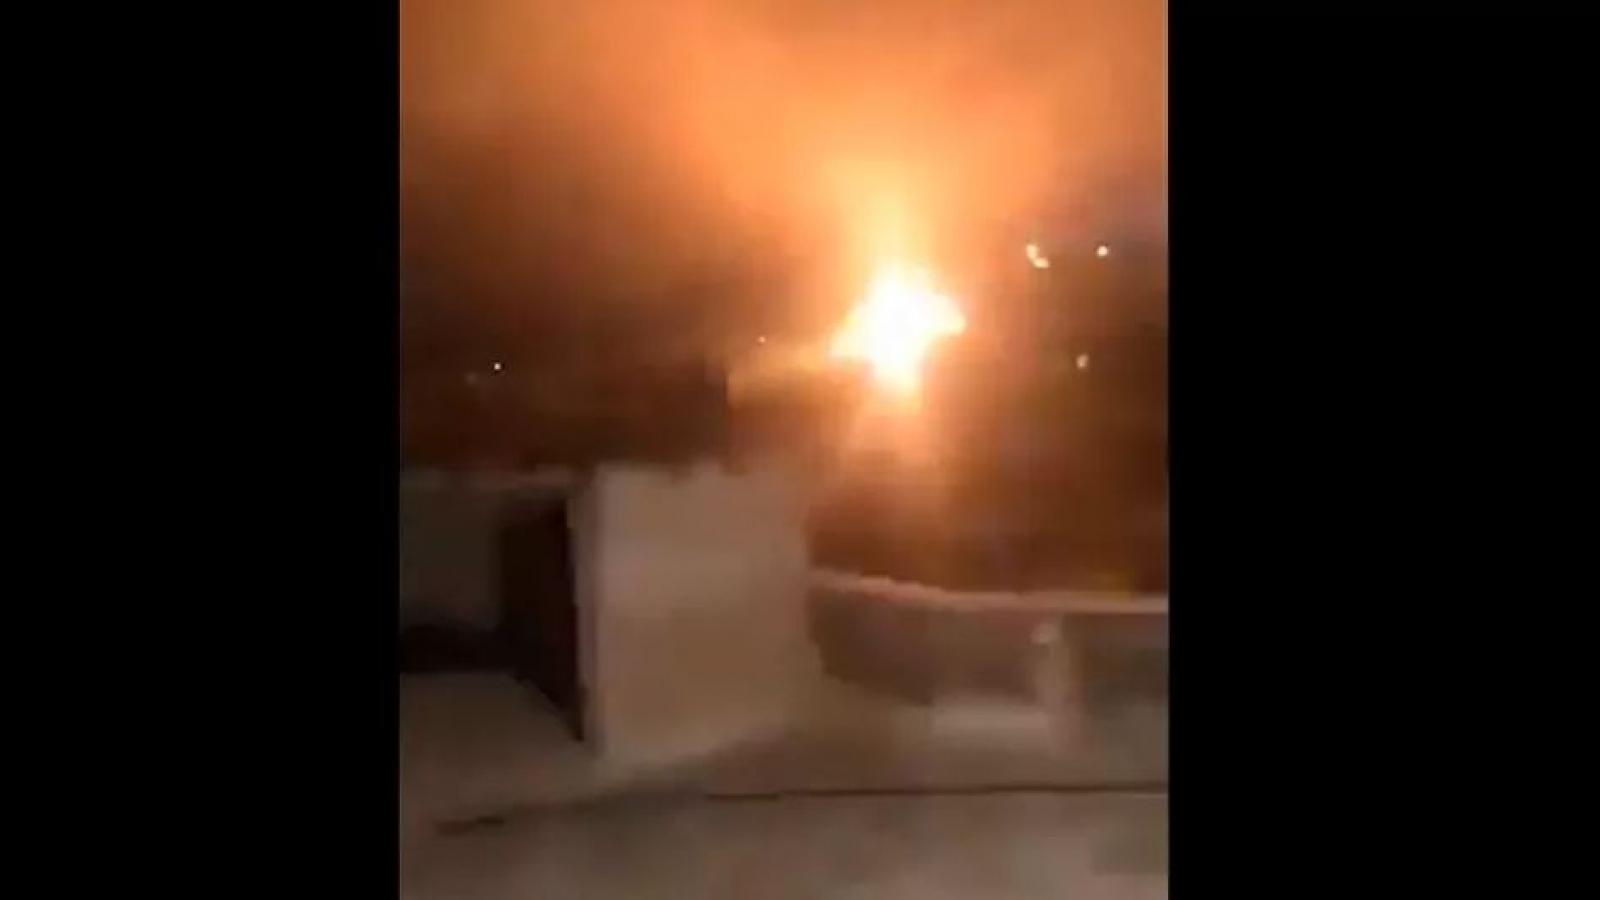 Giao tranh với Hamas chưa hạ nhiệt, Israel lại hứng rocket từ phía Lebanon